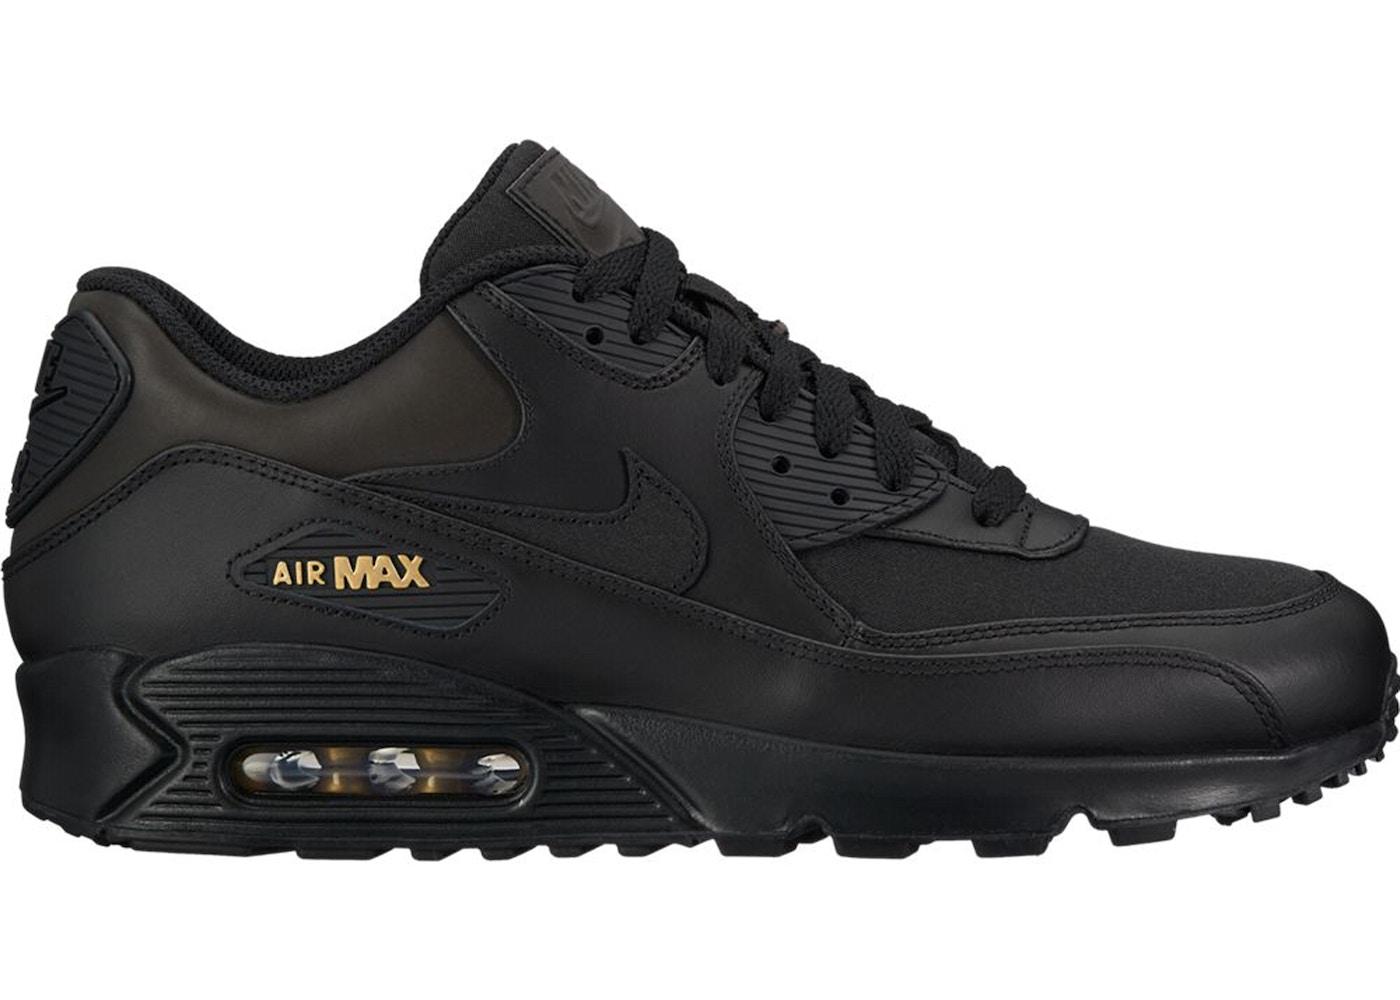 Nike Air Max 90 Black Reflective